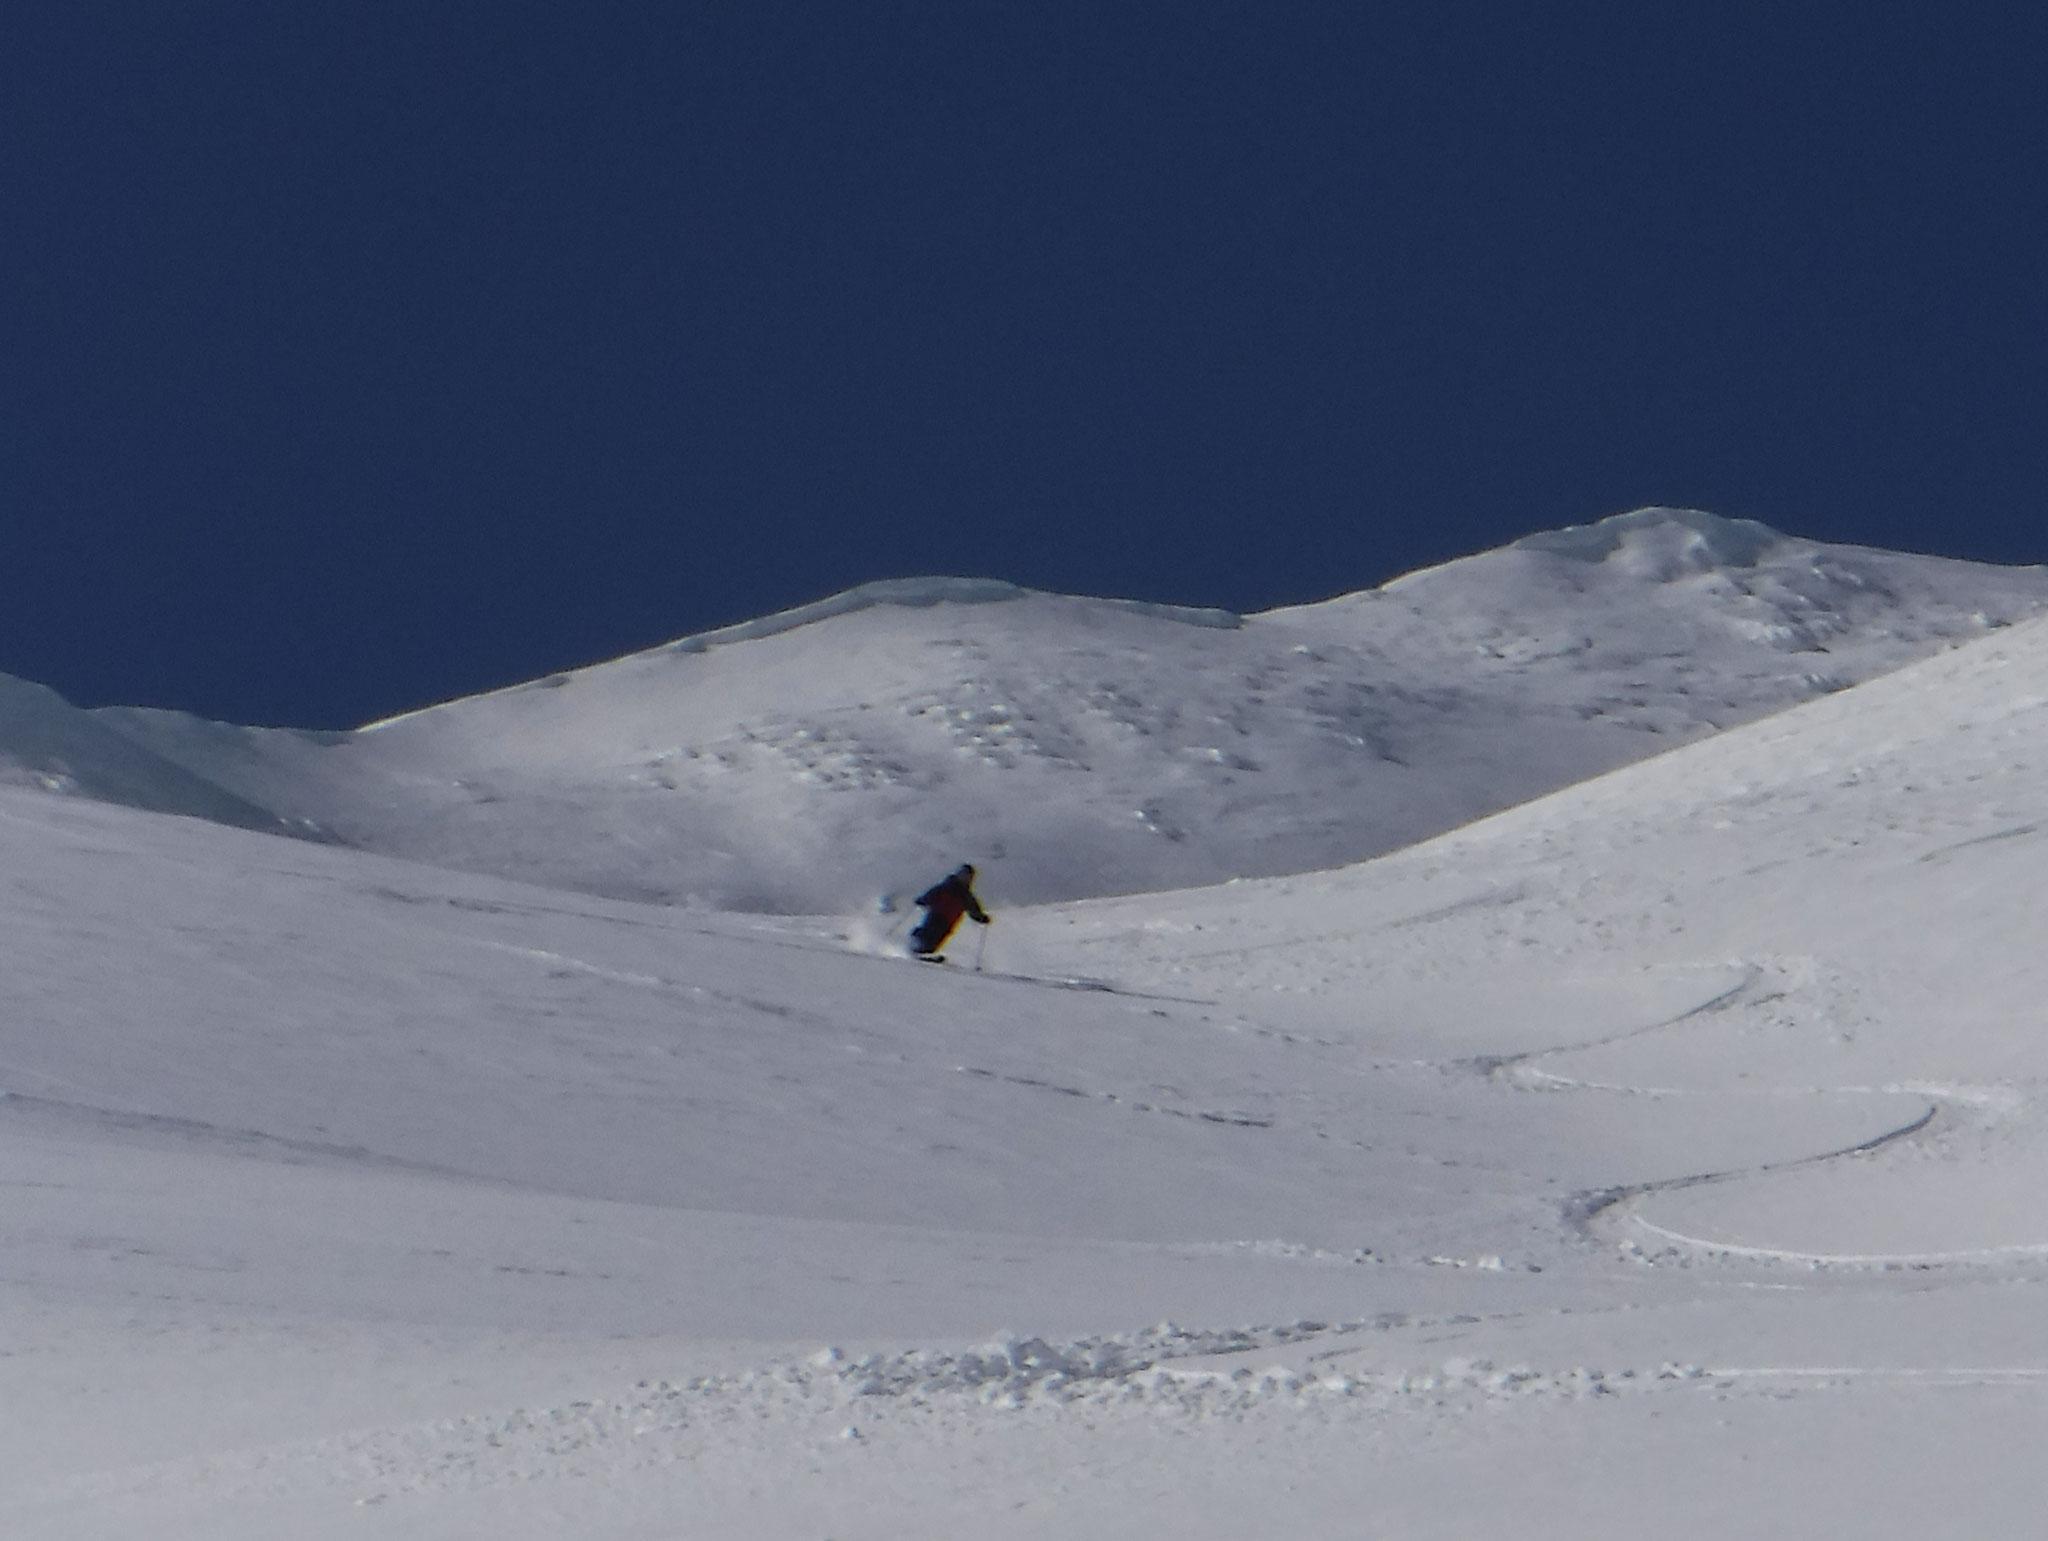 9:50 1700m付近 沢芯は極上の新雪が溜まっていた